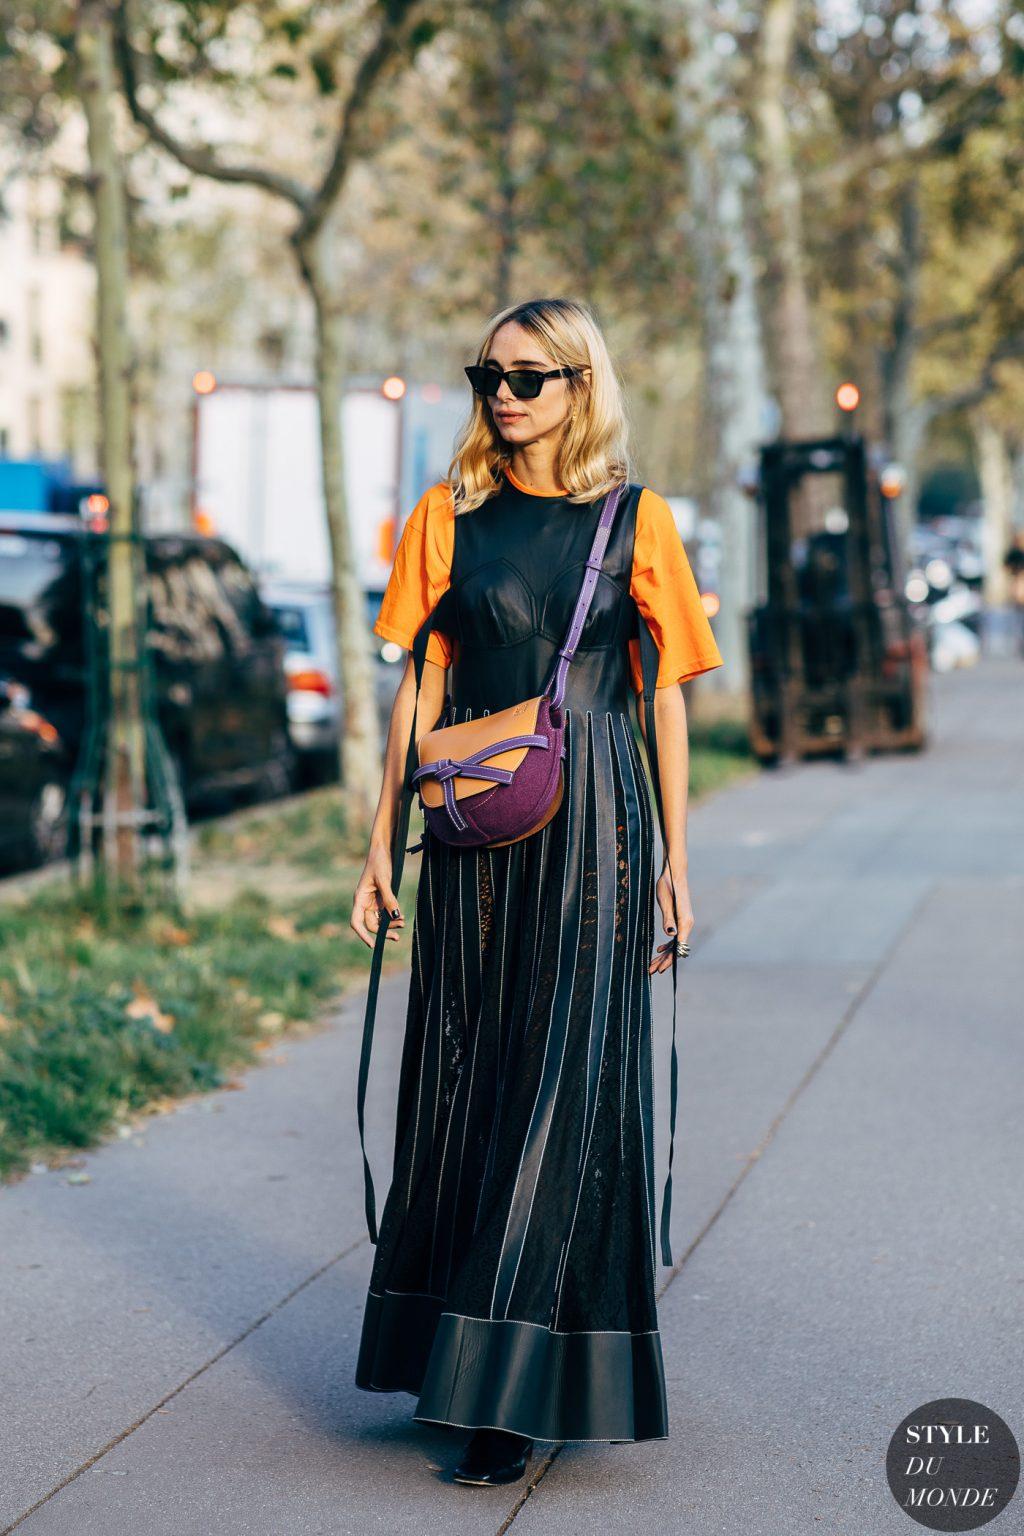 áo thun màu cam và chân váy da đen